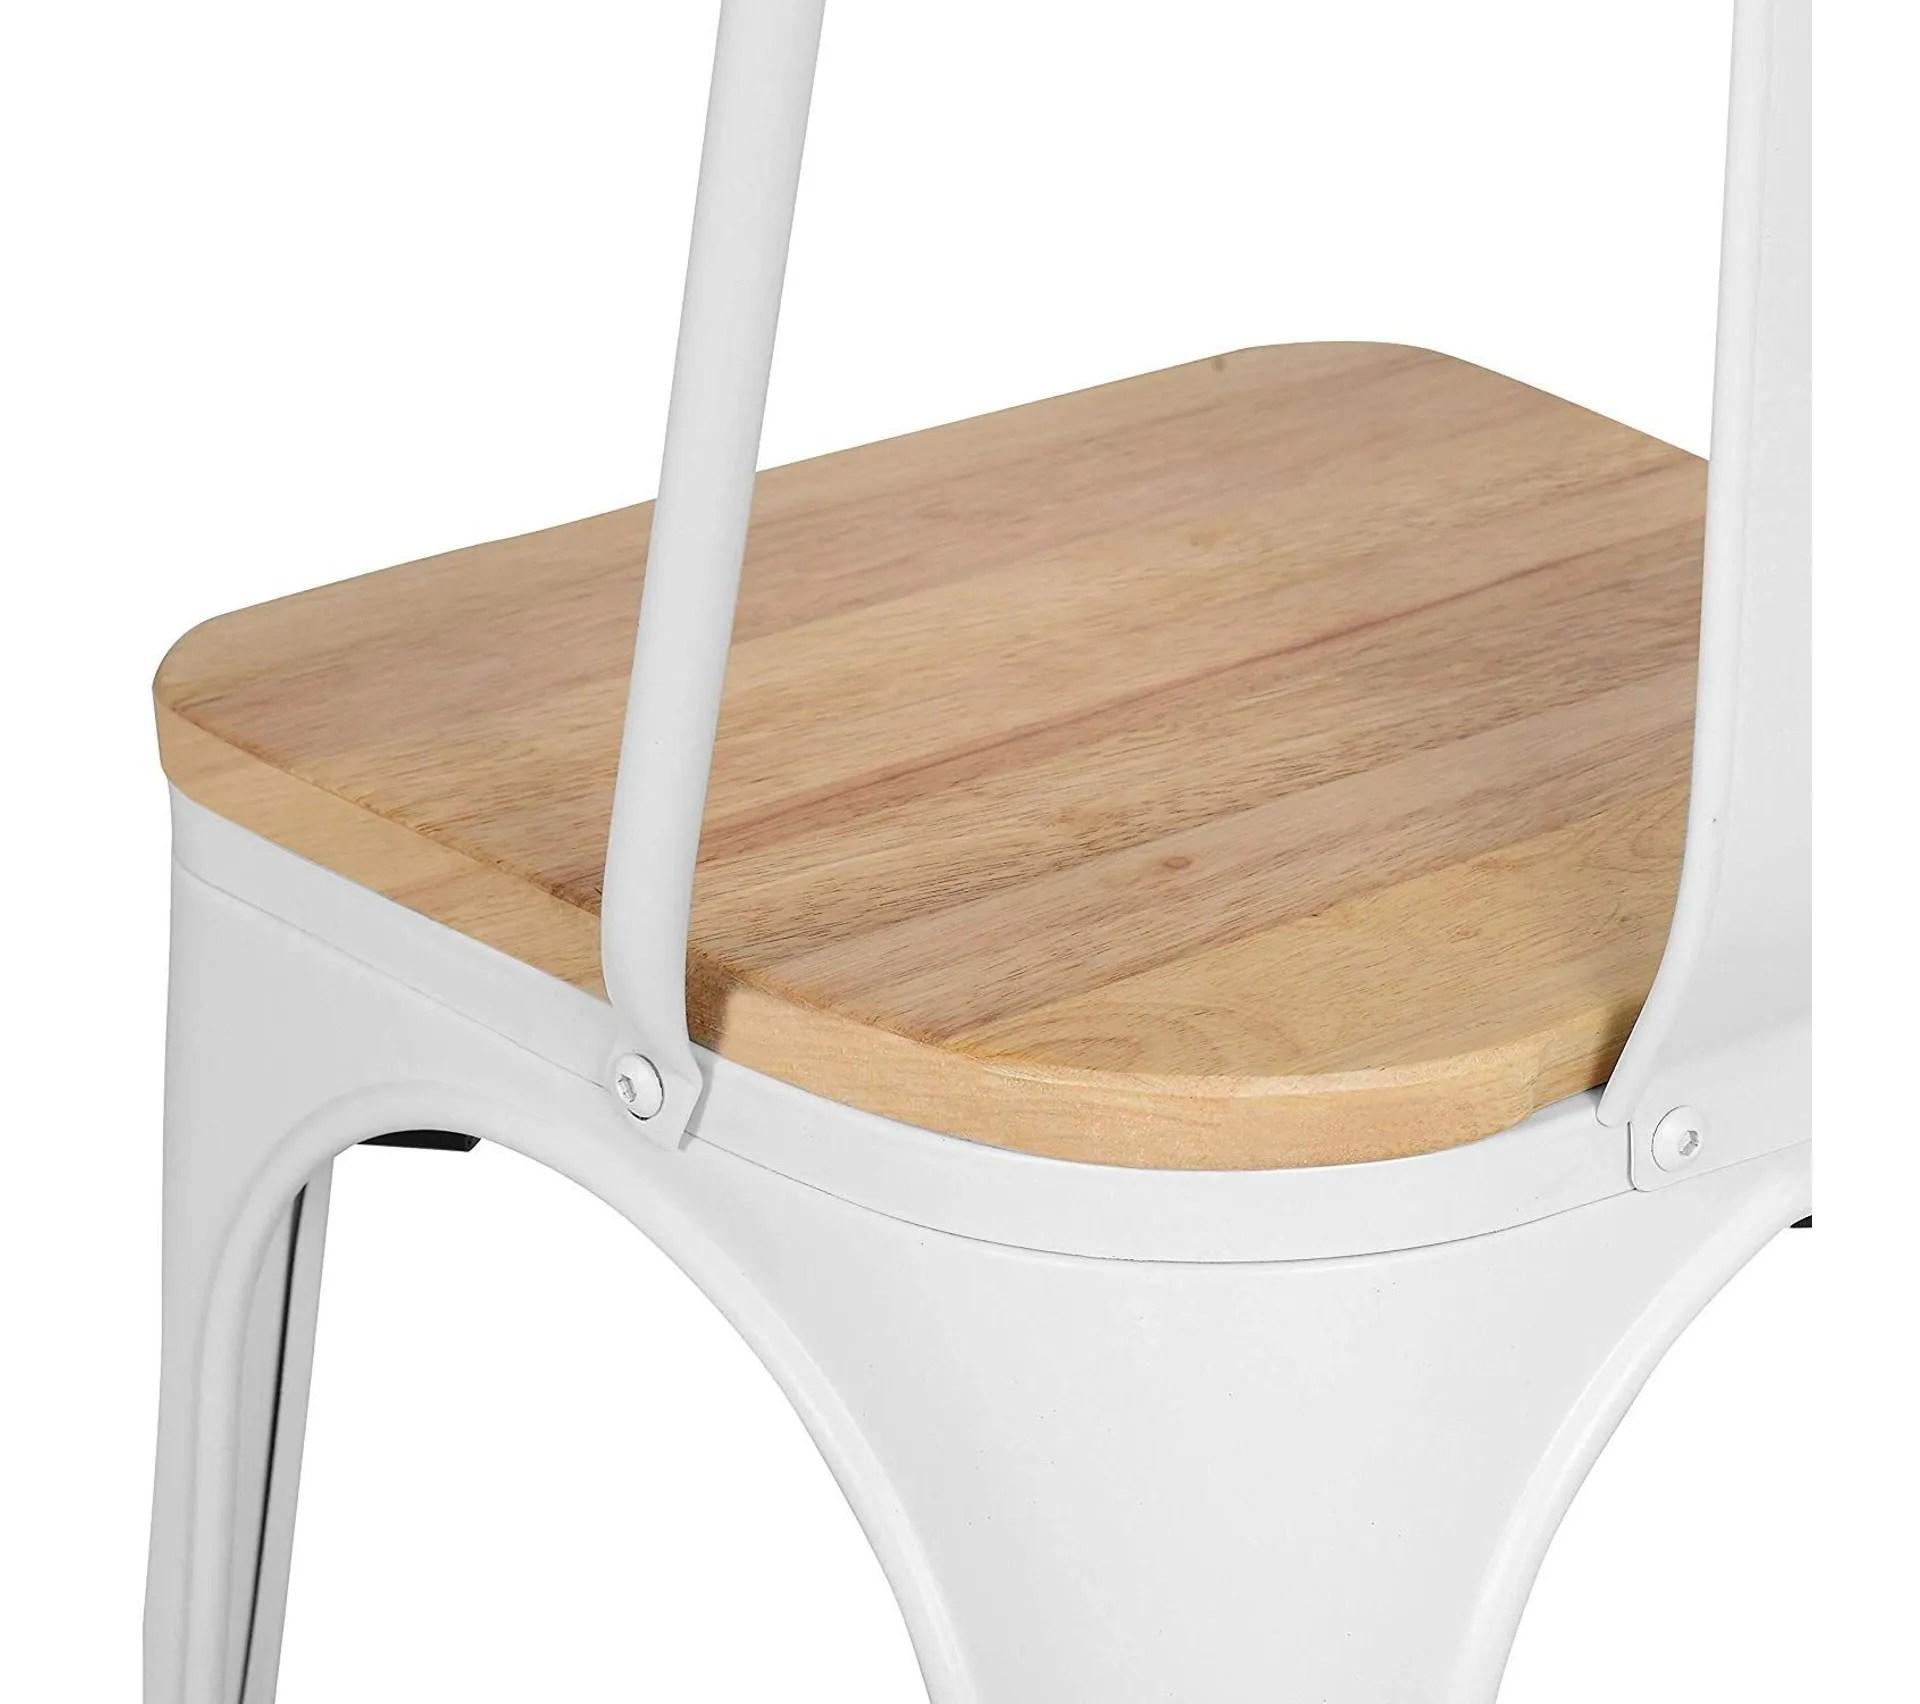 lot de 4 chaises blanches en metal et bois clair style industriel factory en metal blanc mat